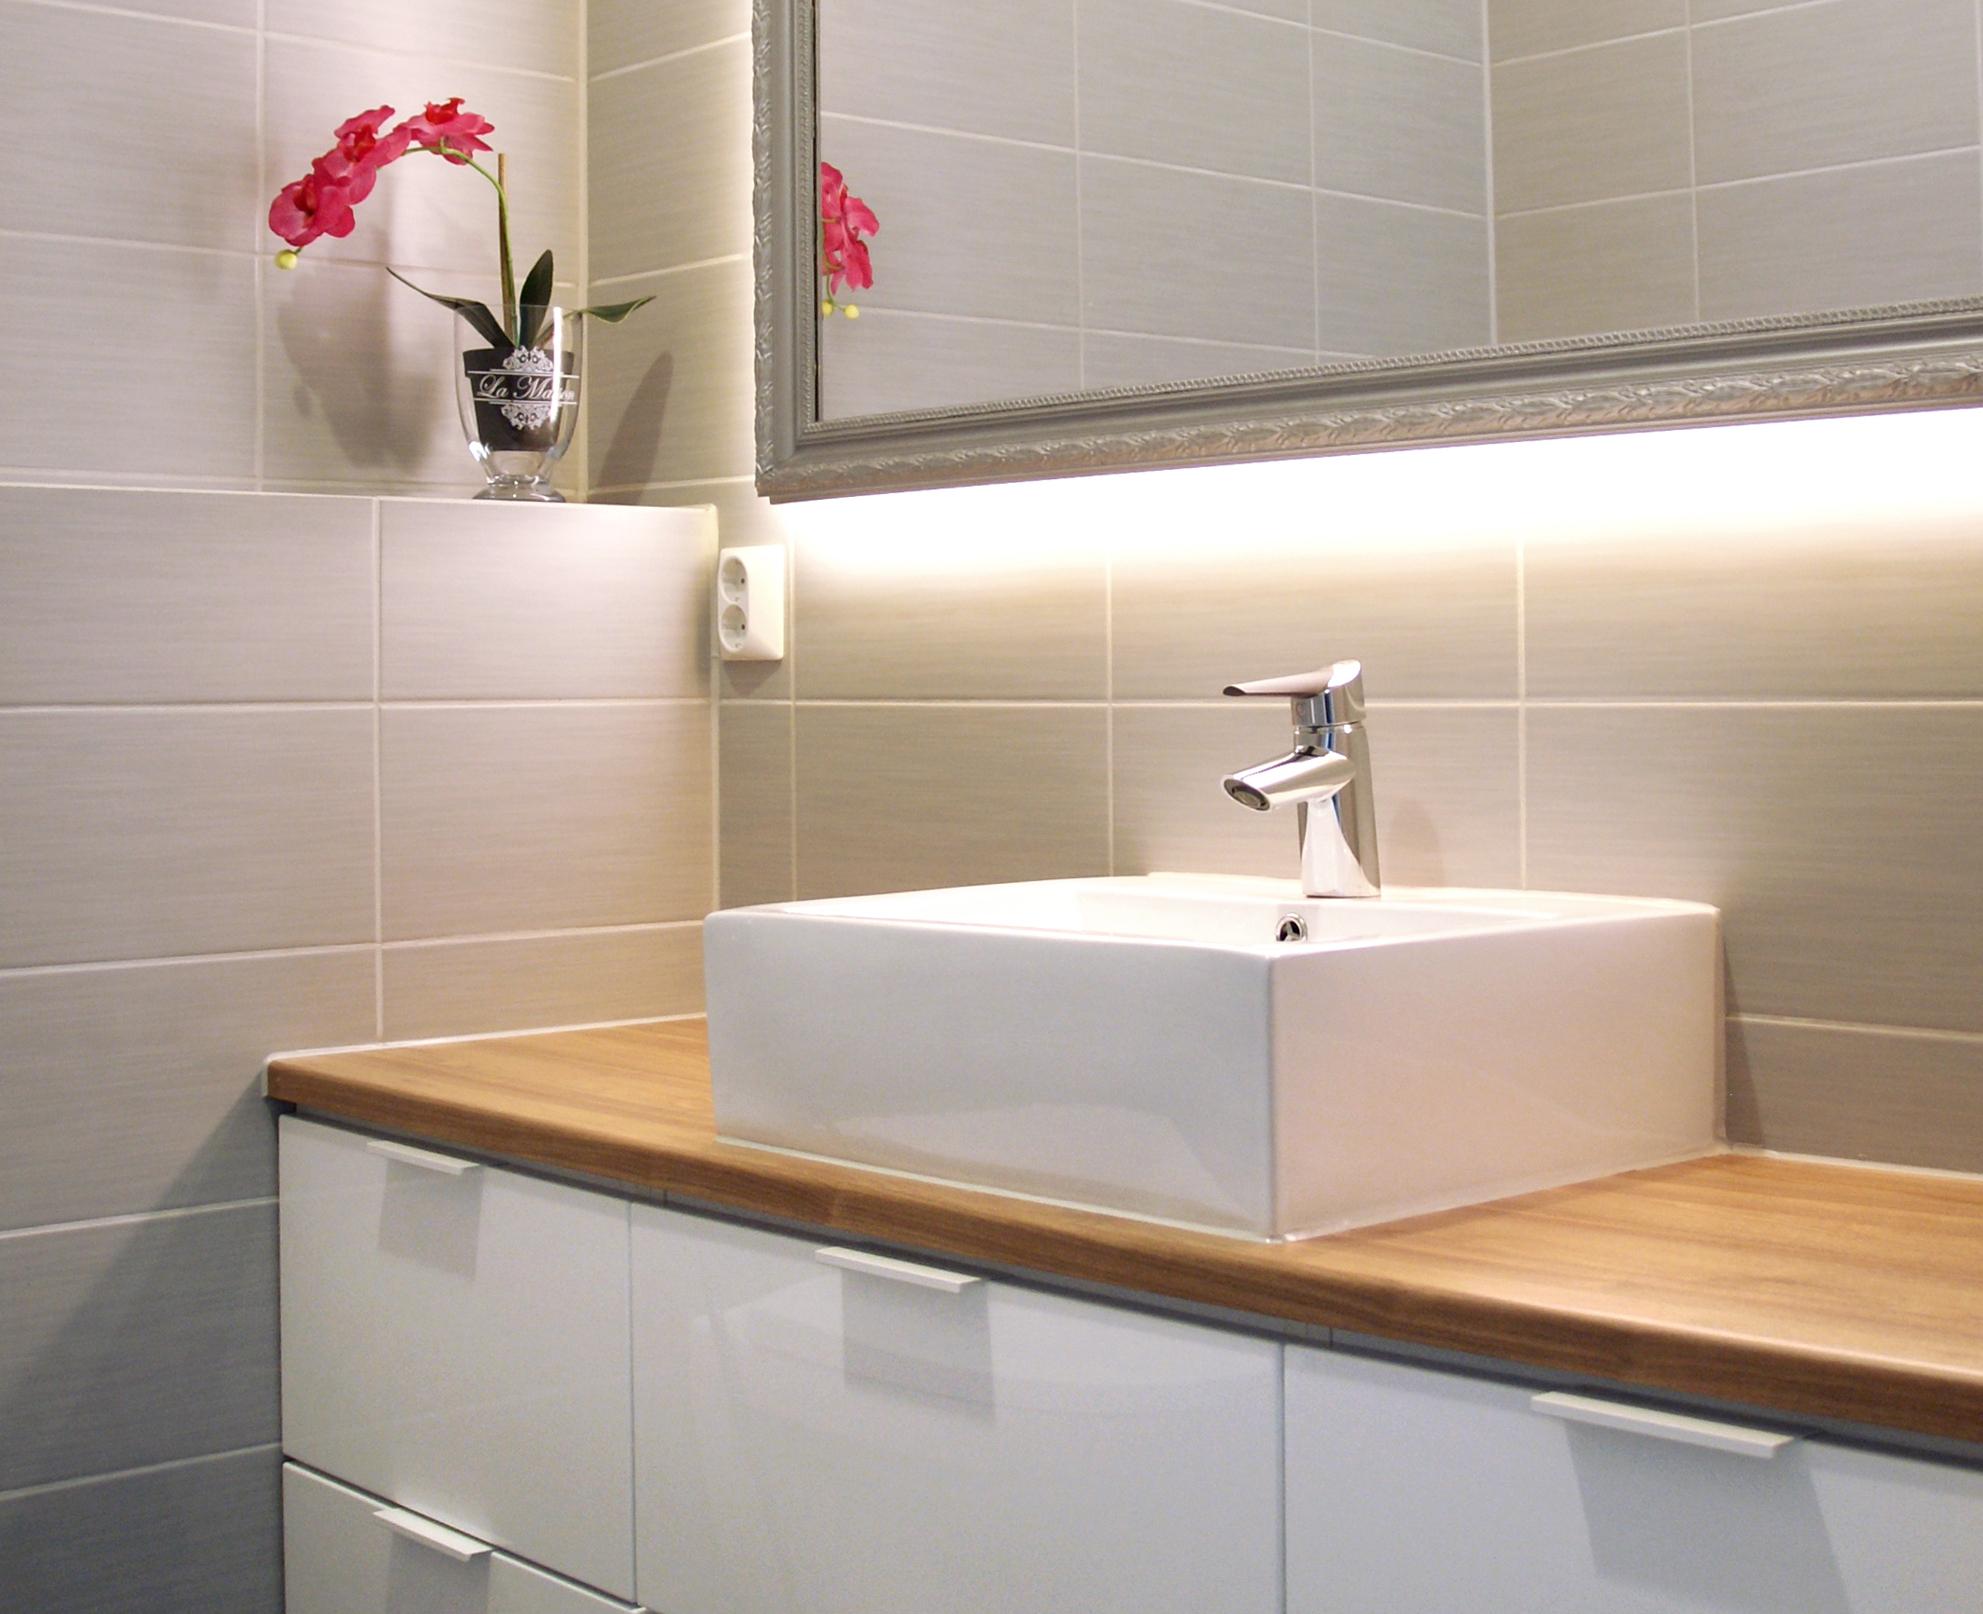 kylpyhuoneen kalusteet savonlinna - mitta-keittiöt